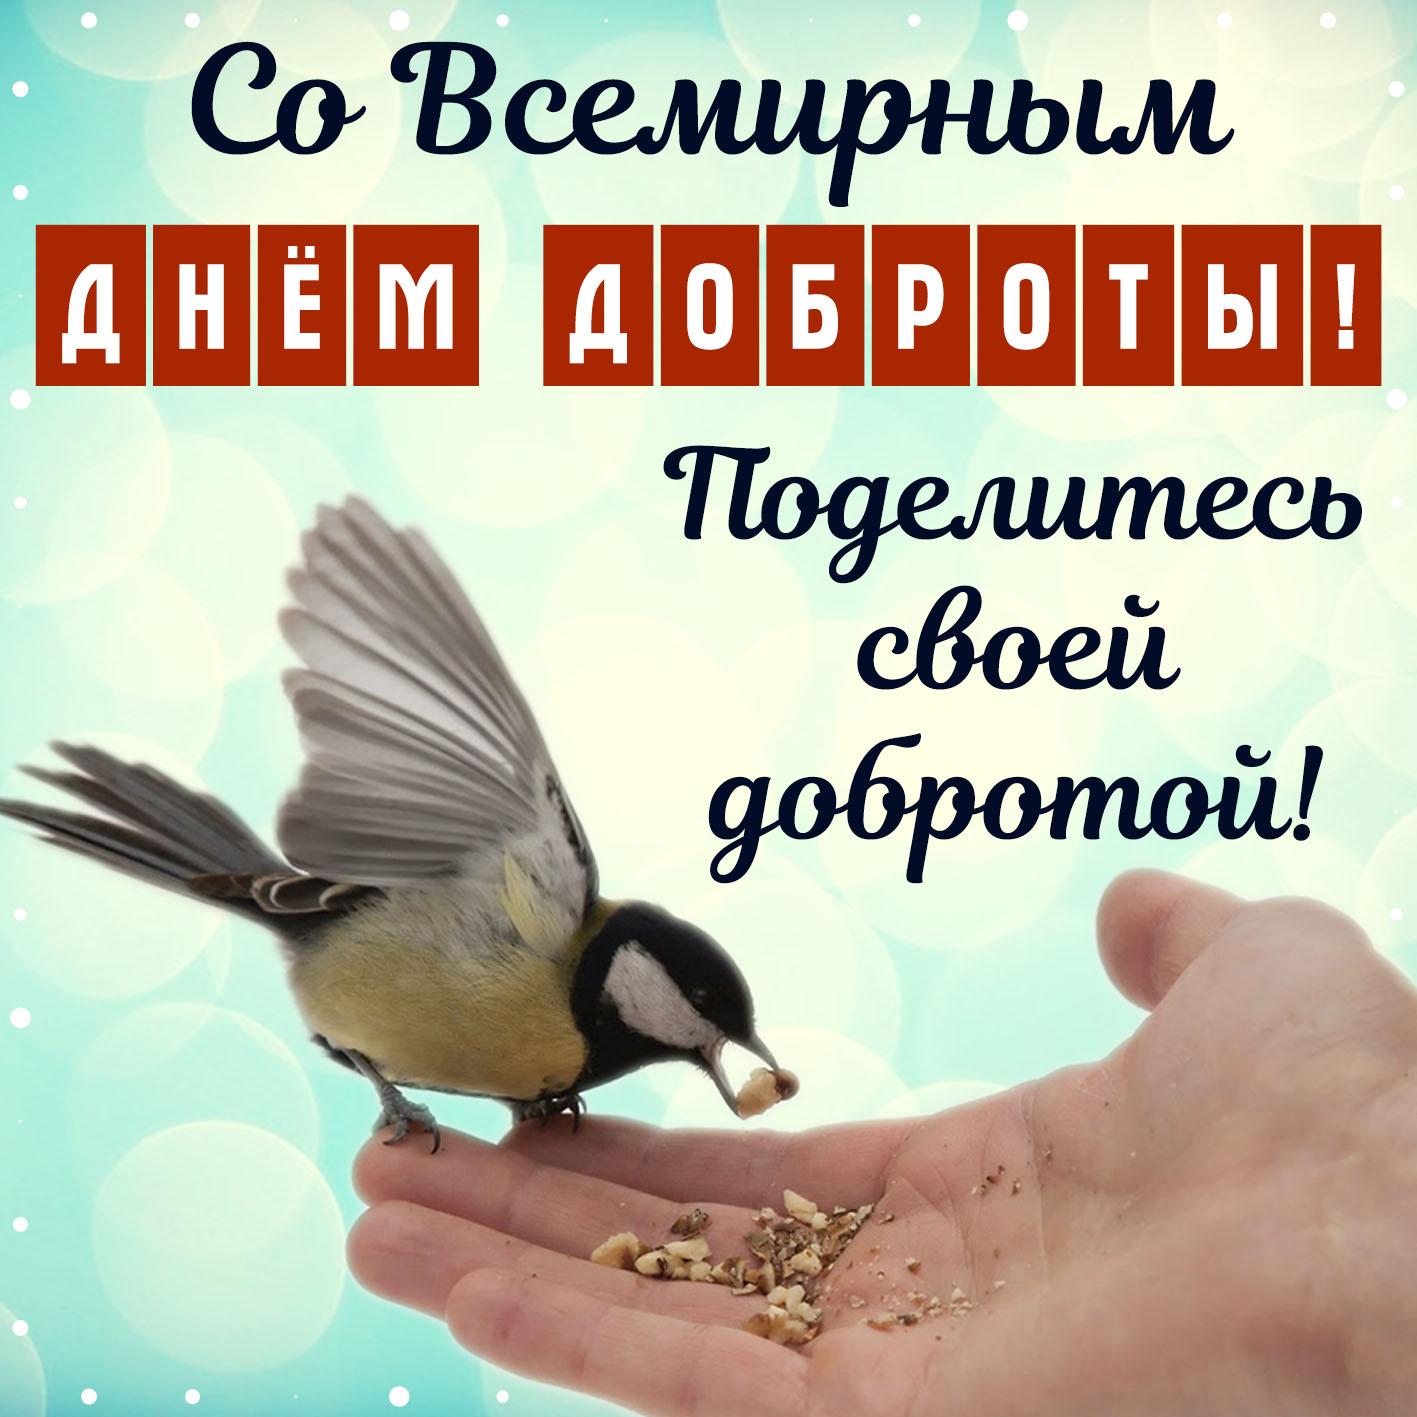 Открытка - синица на руке и поздравление со Всемирным днём доброты